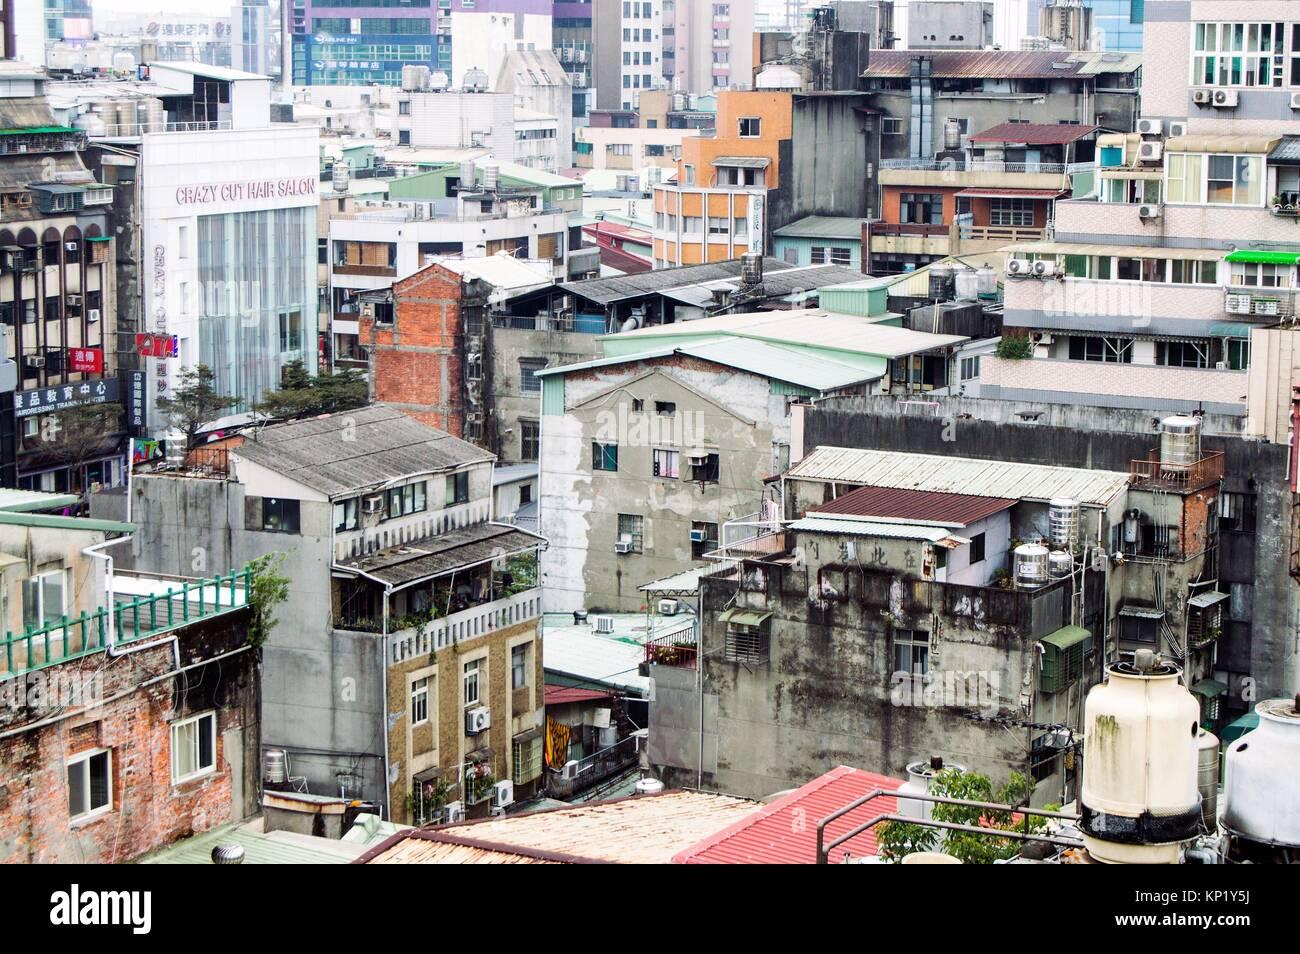 Aerial view, Urban sprawl, Ximending, Taipei, Taiwan - Stock Image